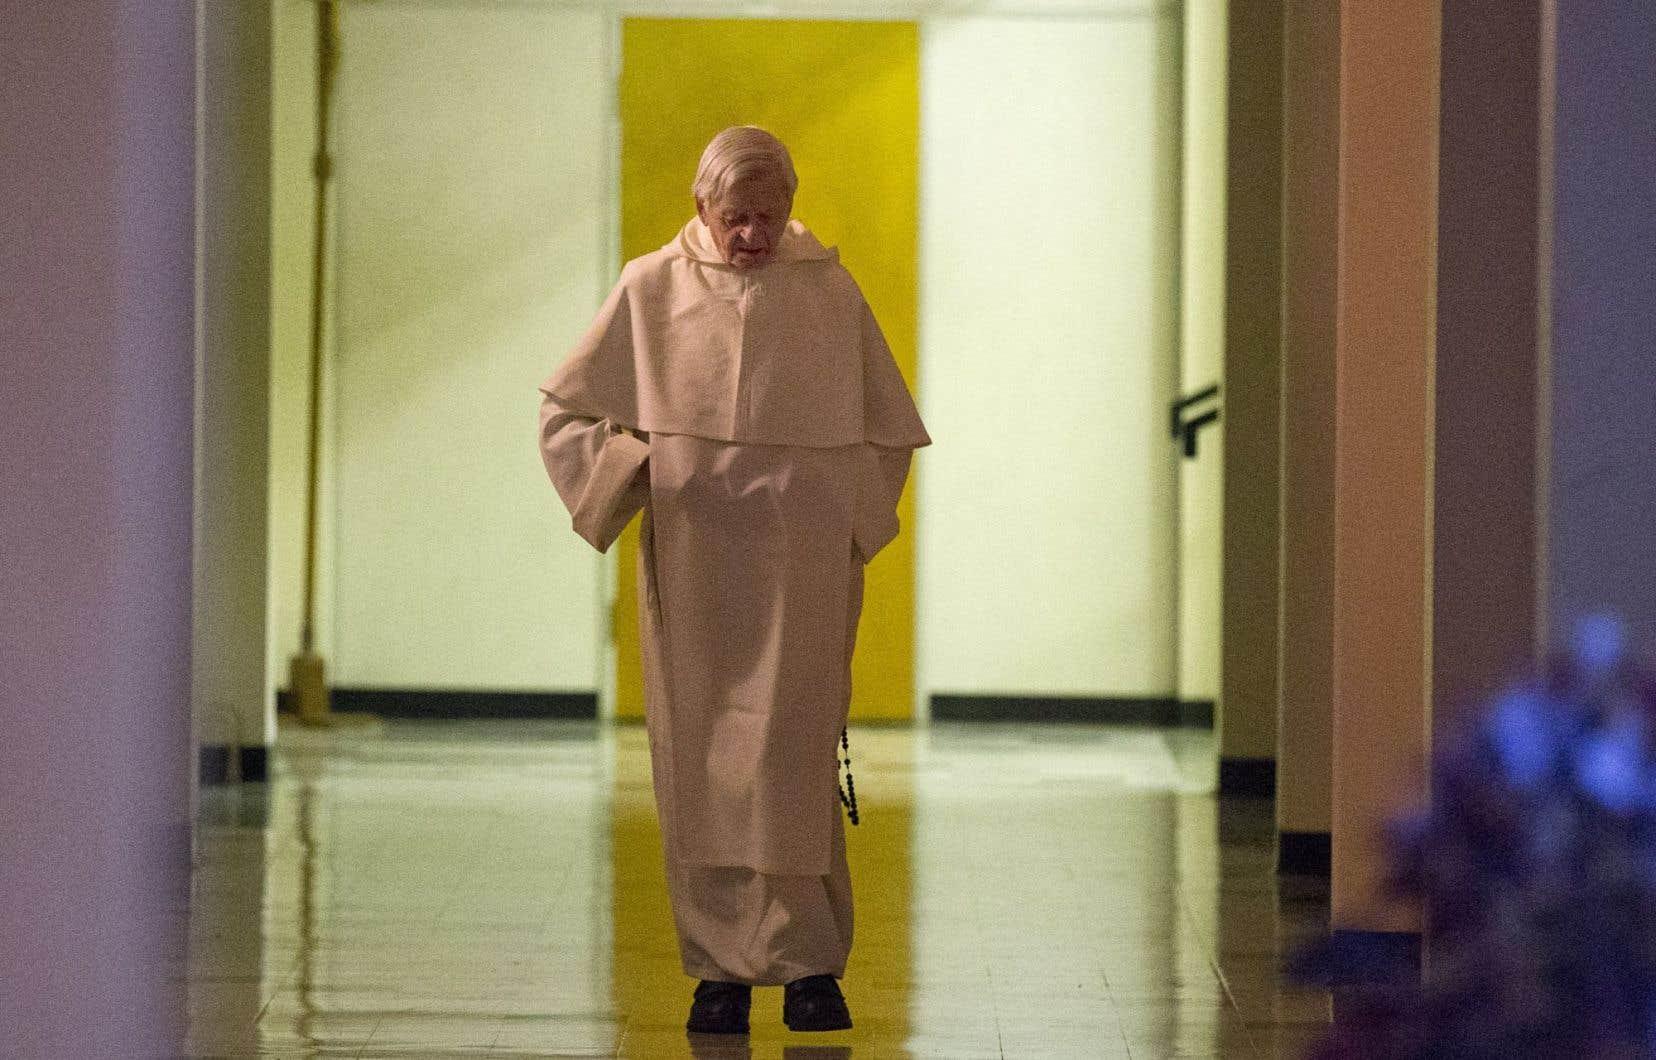 Demeuré actif jusqu'à la toute fin, le père Lacroix souffrait d'une pneumonie depuis quelque temps.